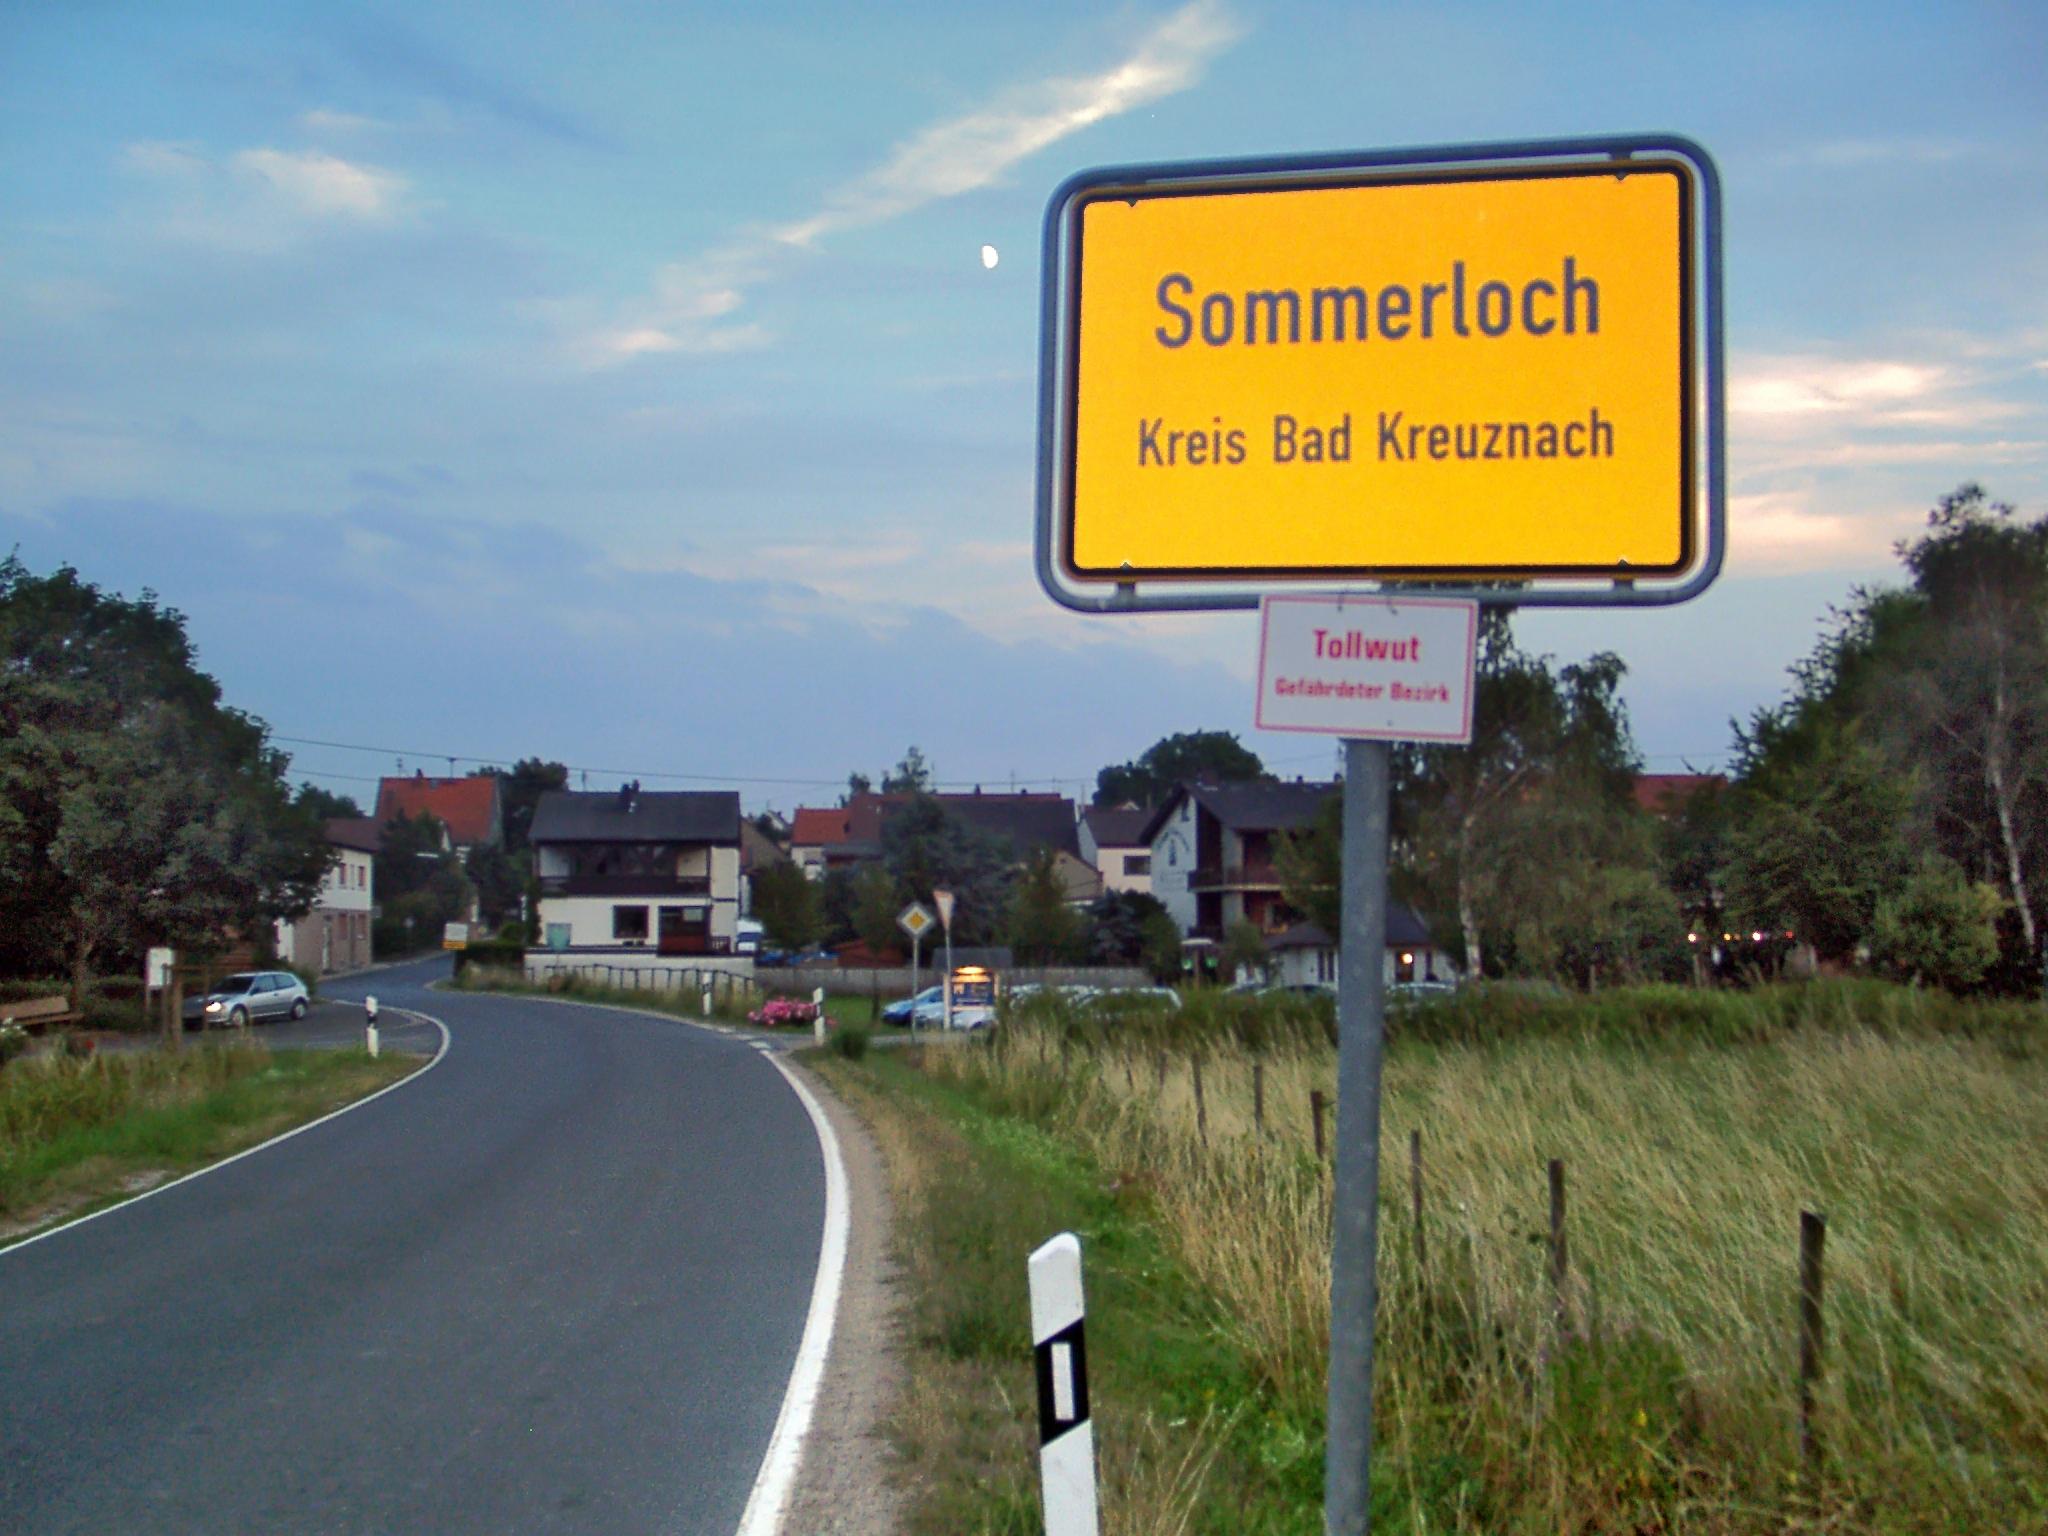 Sommerloch Schild.jpg